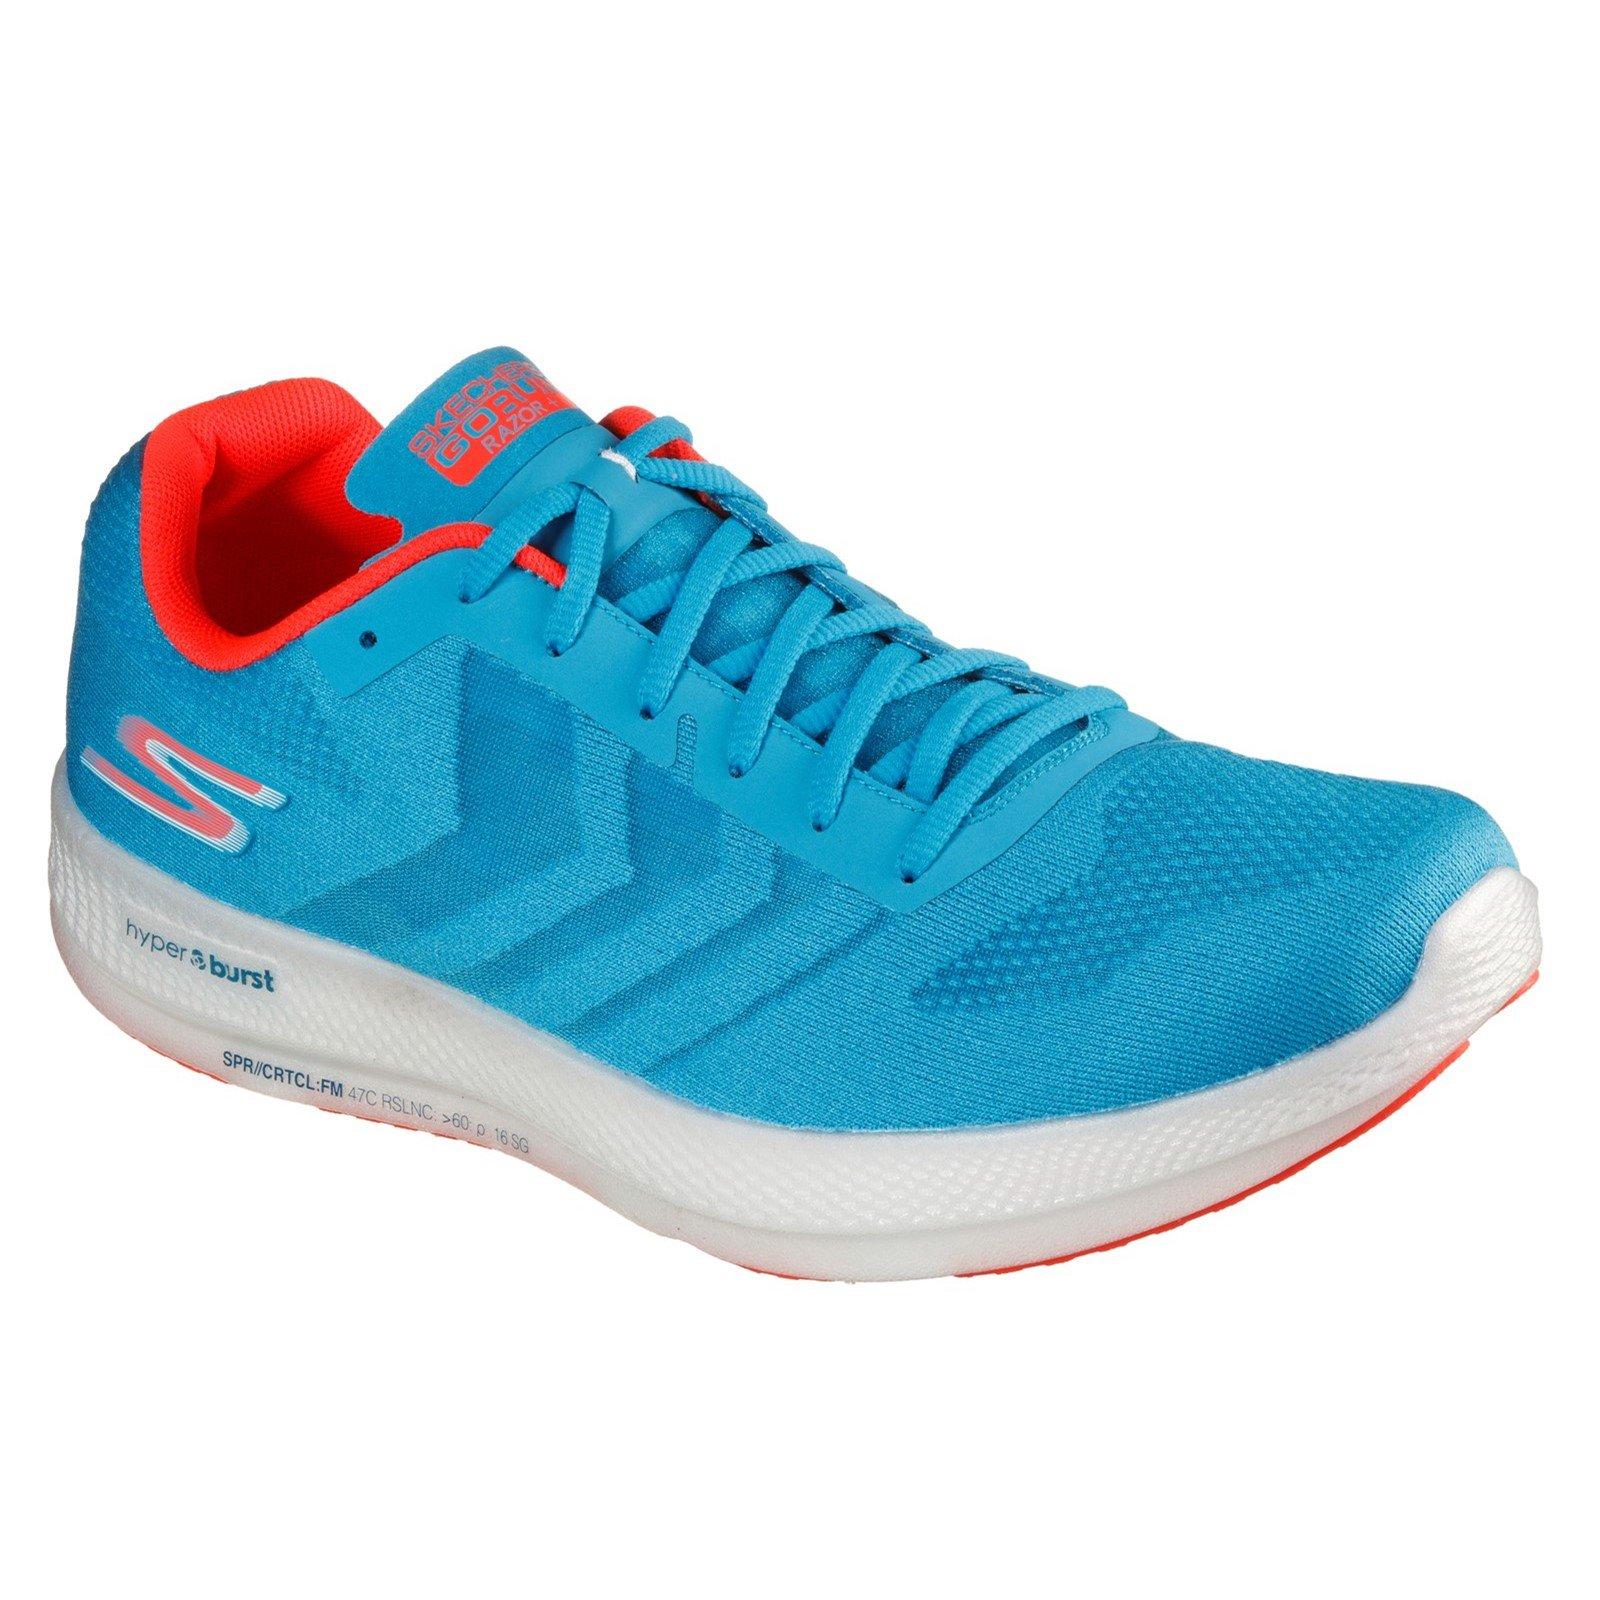 Skechers Men's Go Run Razor Trainer Multicolor 32699 - Blue/Coral 12